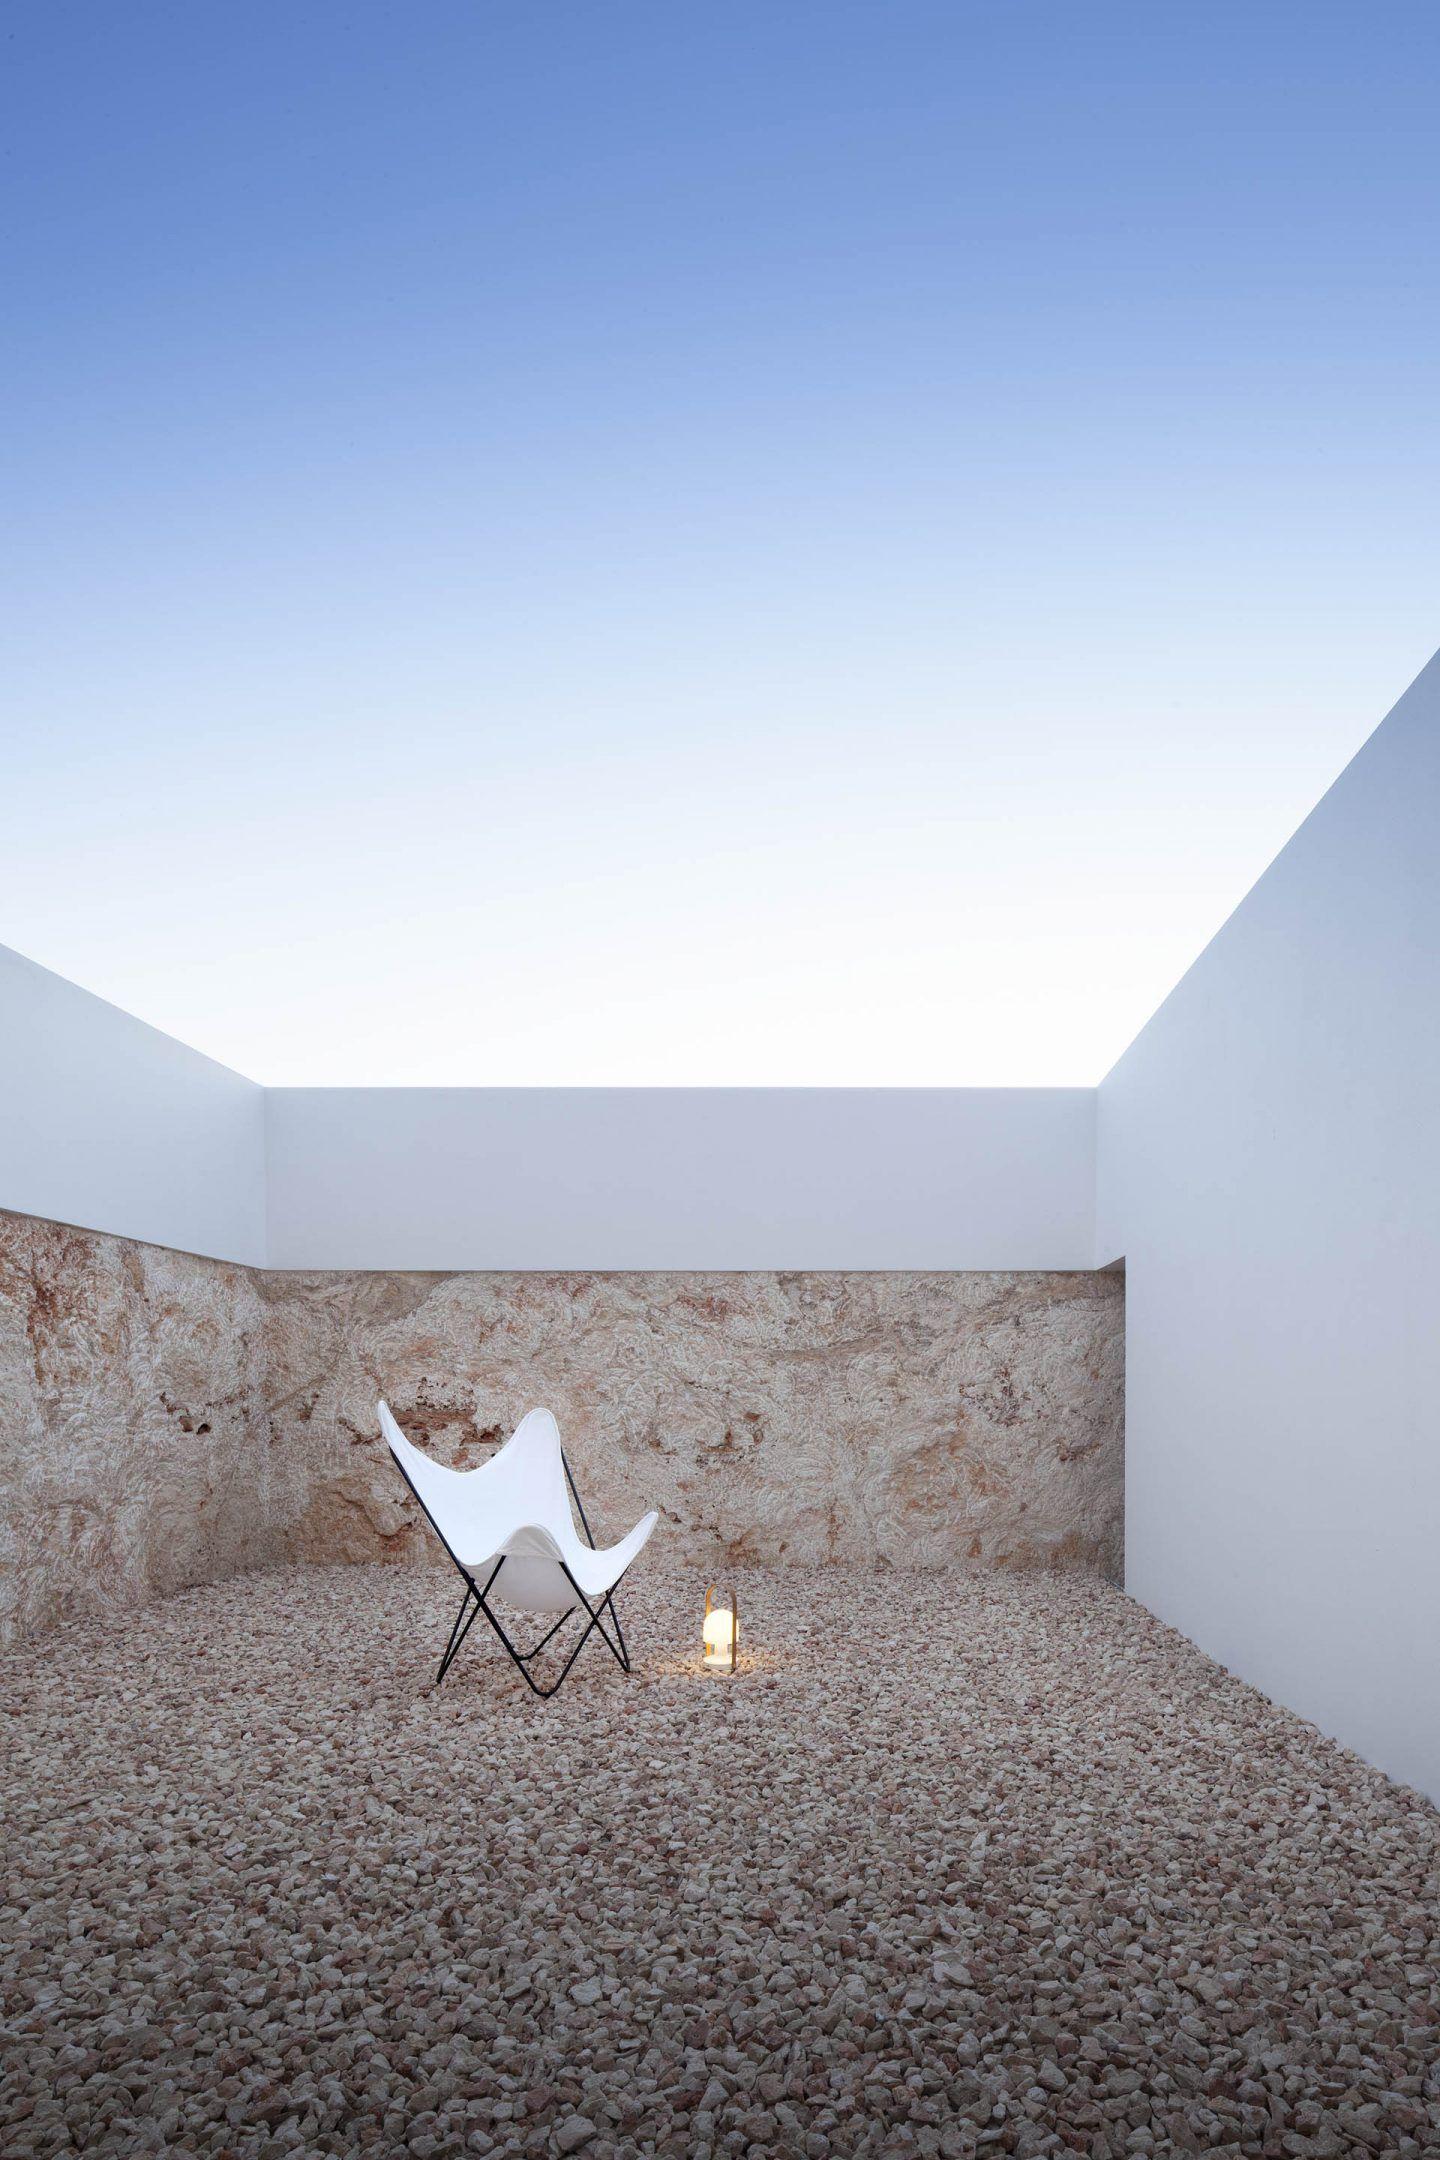 IGNANT-Architecture-Marià-Castelló-Martínez-Bosc-d'en-Pep-Ferrer-015